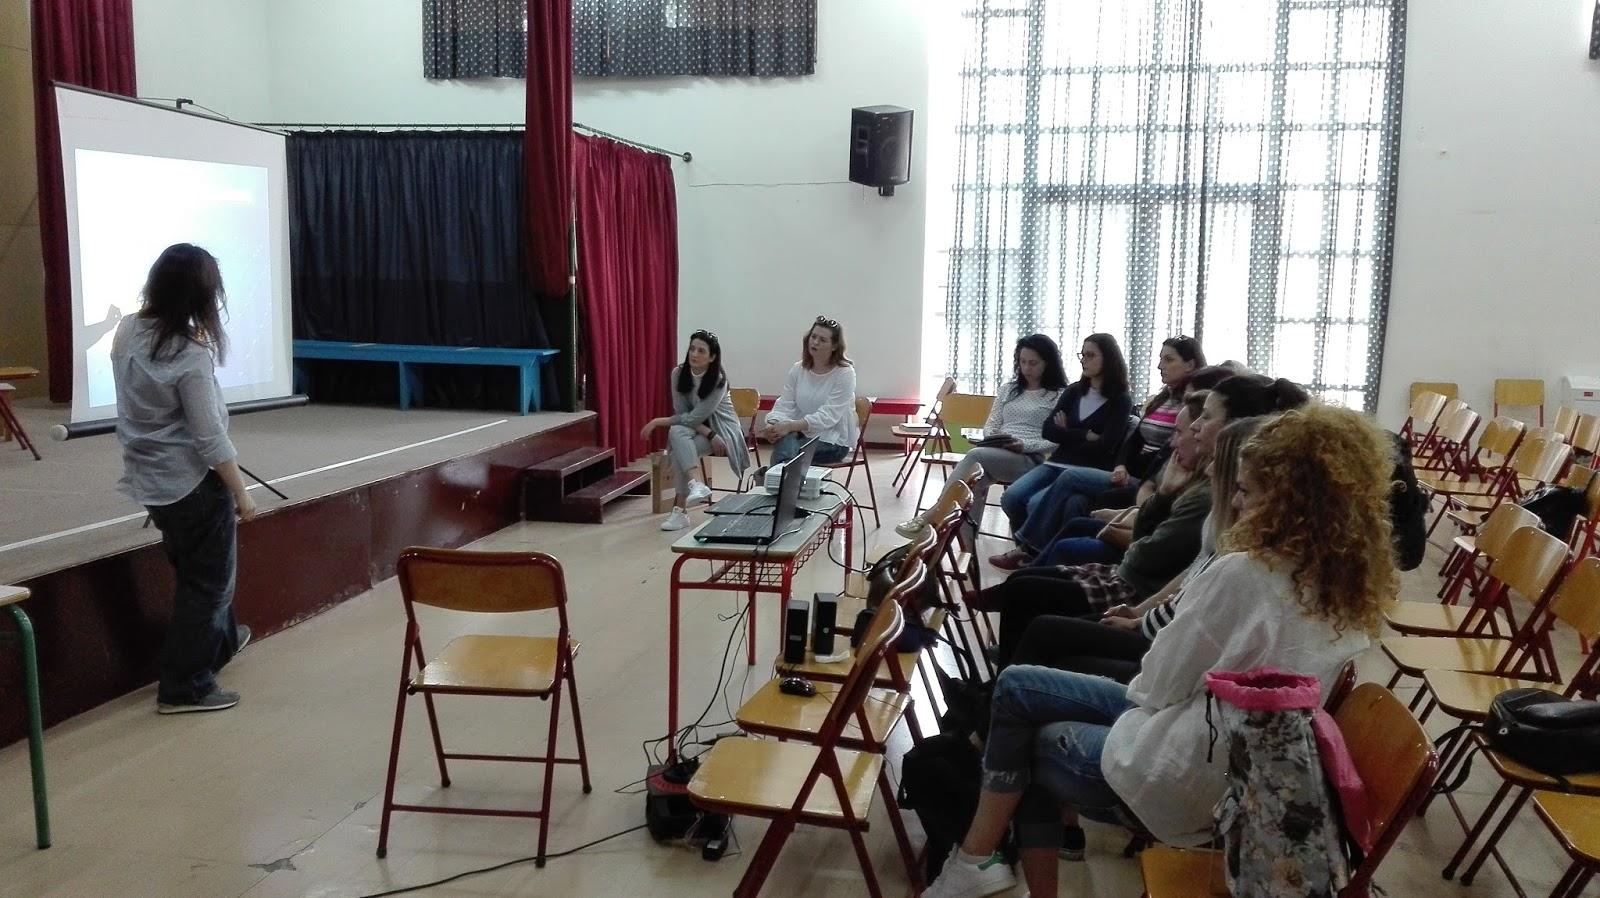 Τα ΚΔΑΠ ΜΕΑ του δήμου Λαρισαίων συνεργούν και εξελίσσονται